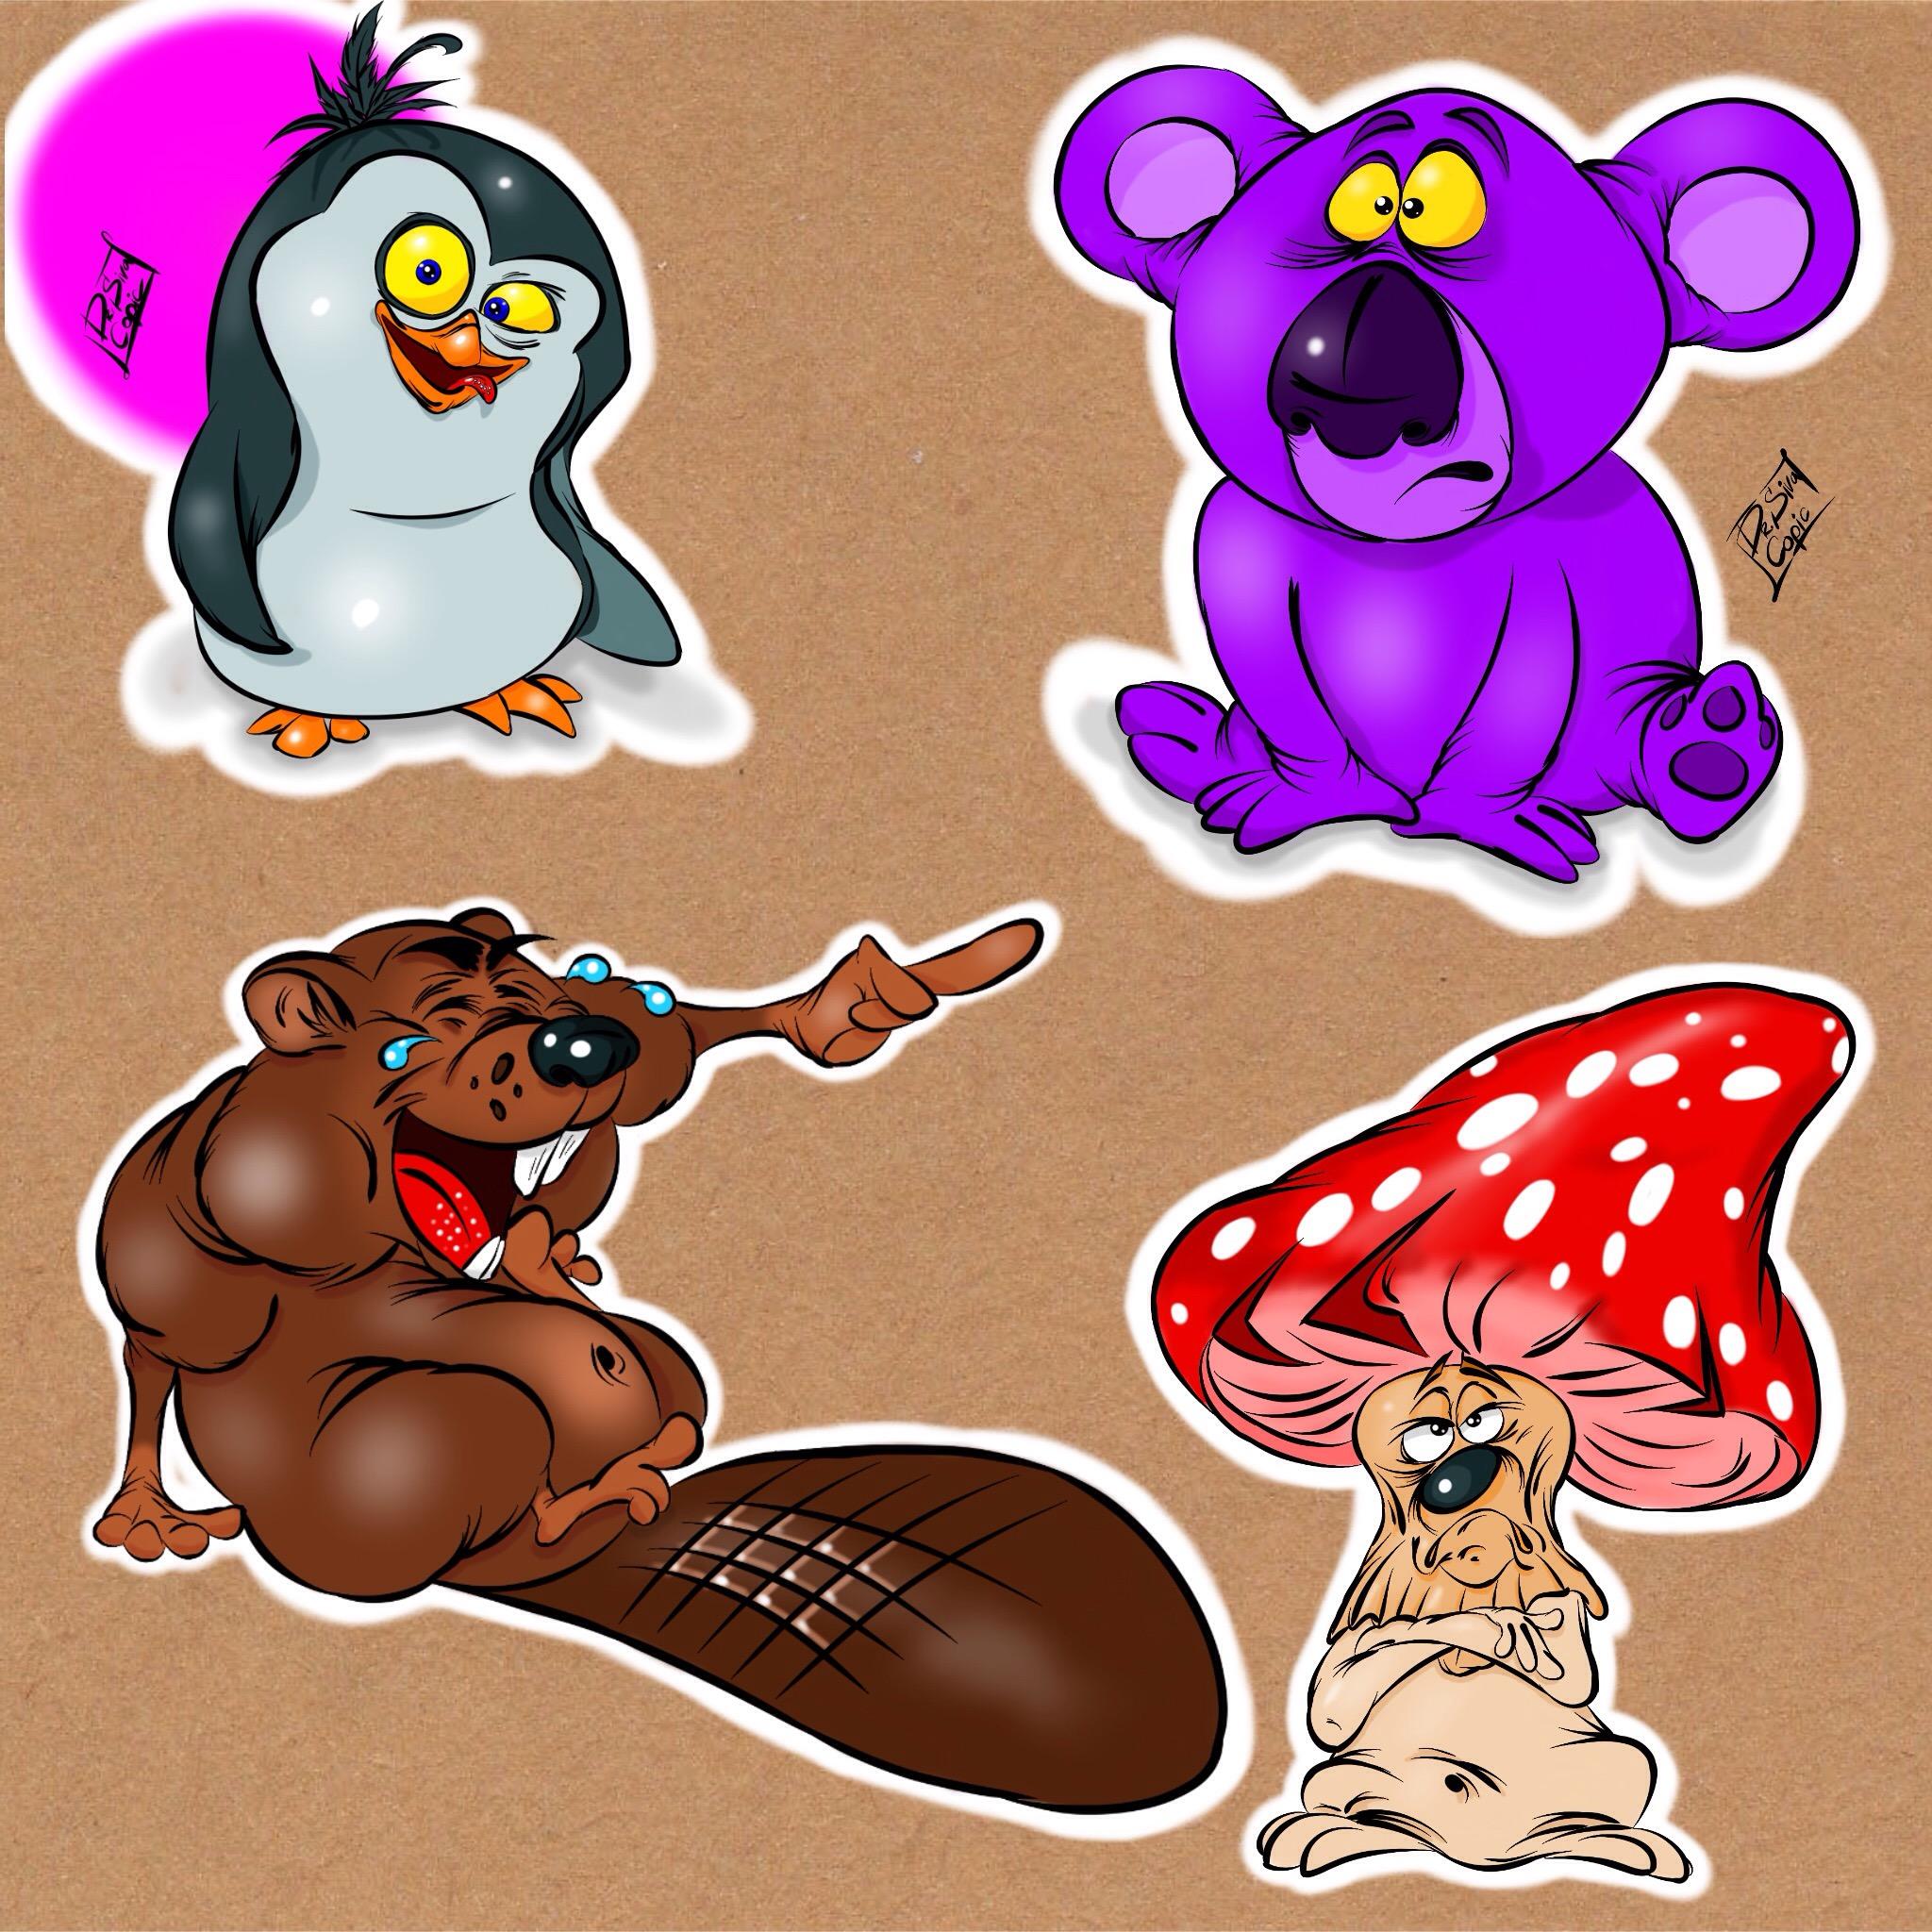 Разработать 5 изображений животных - добрые, веселые, яркие  фото f_5945c7f6e2f55117.jpg